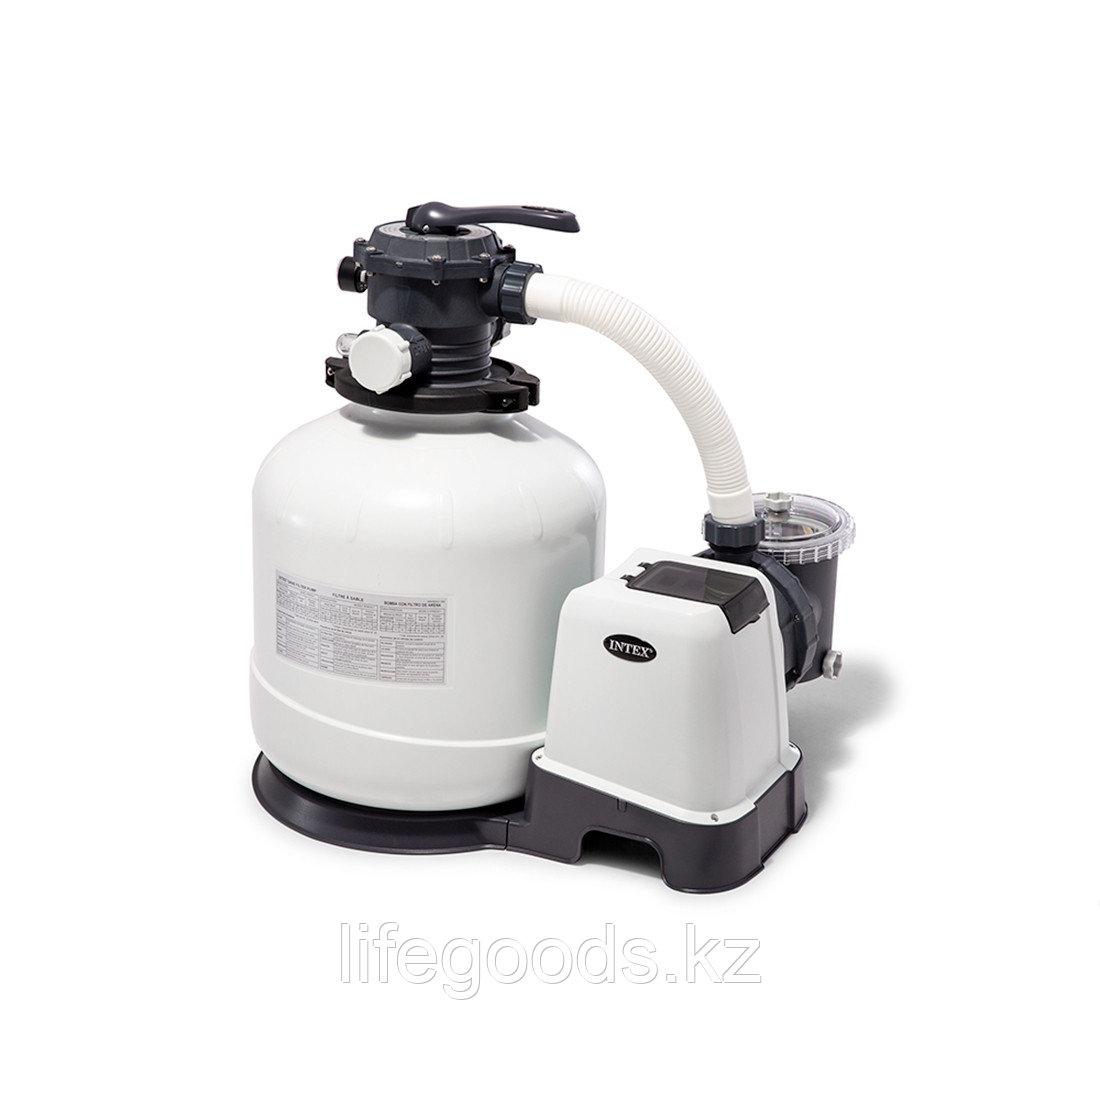 Фильтр-насос для бассейнов песочный 12113 л/час Intex 26652